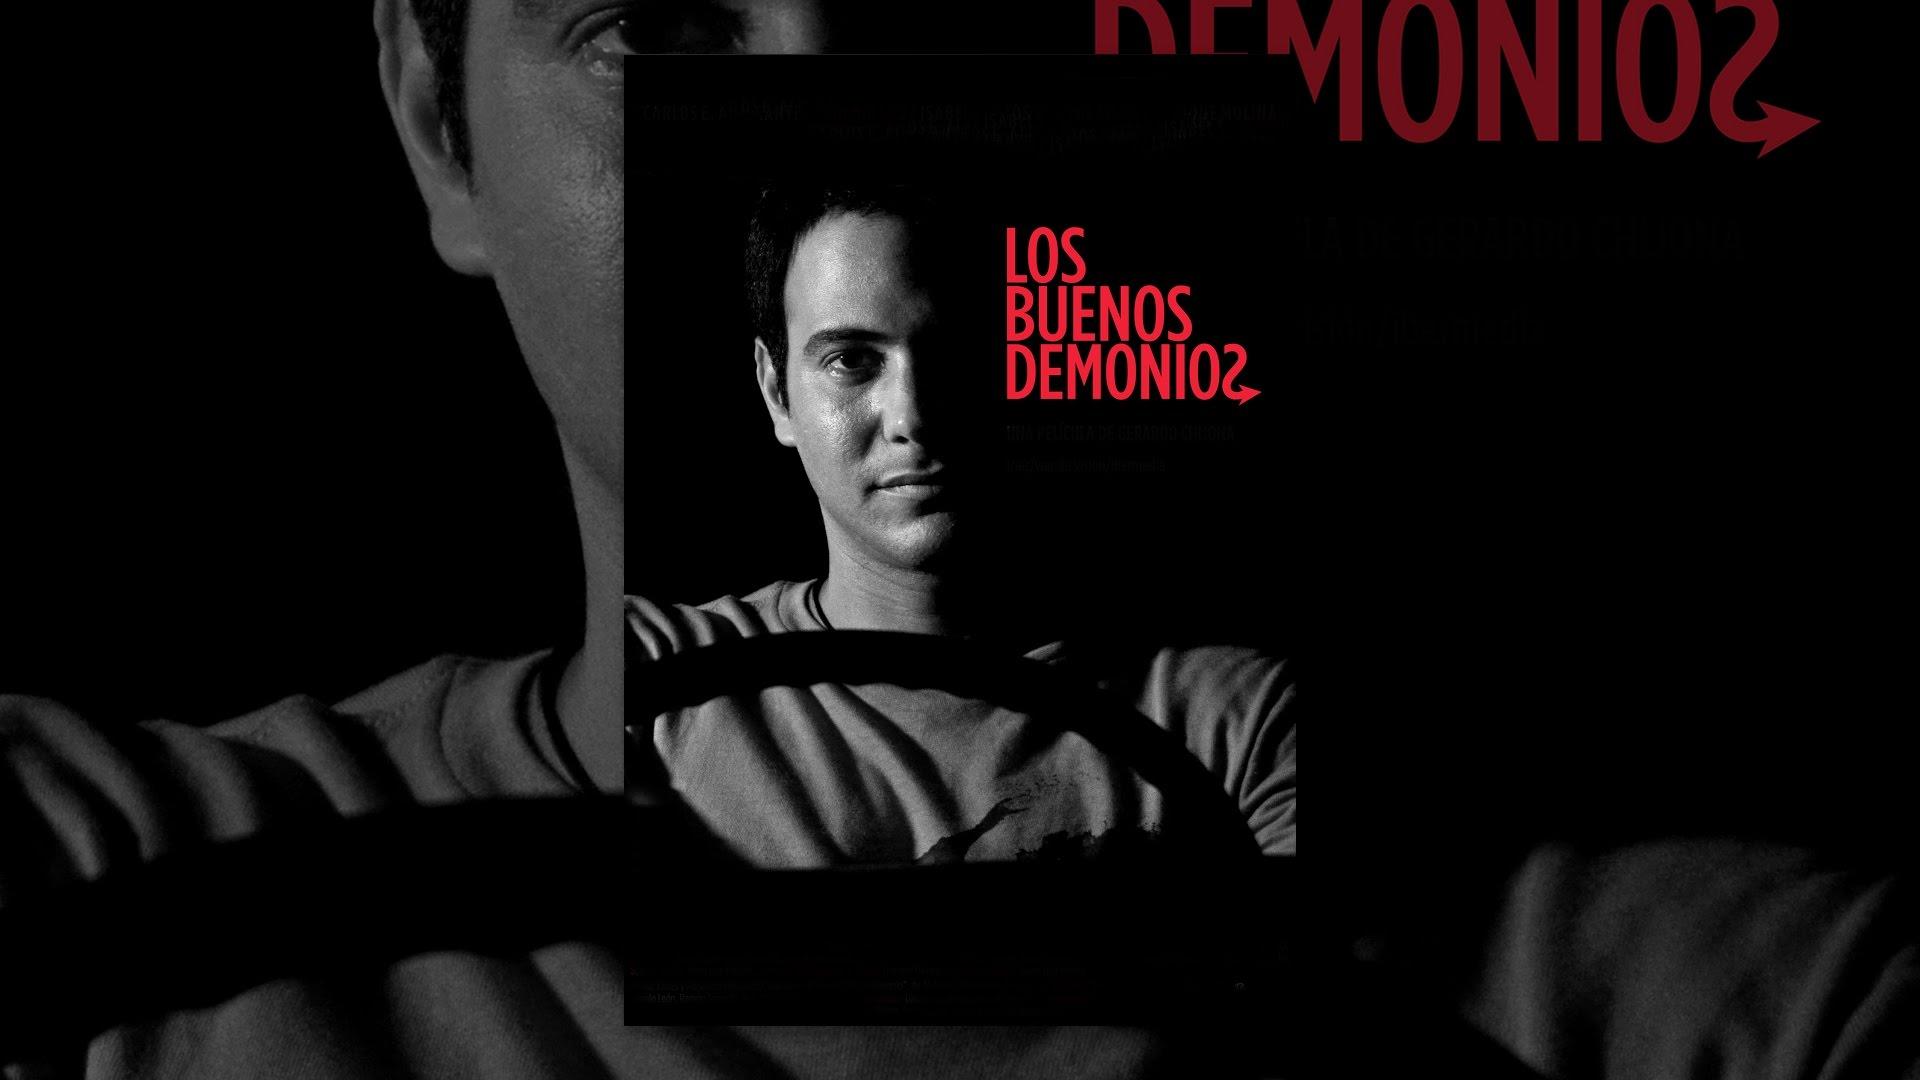 Ver Los Buenos Demonios en Español